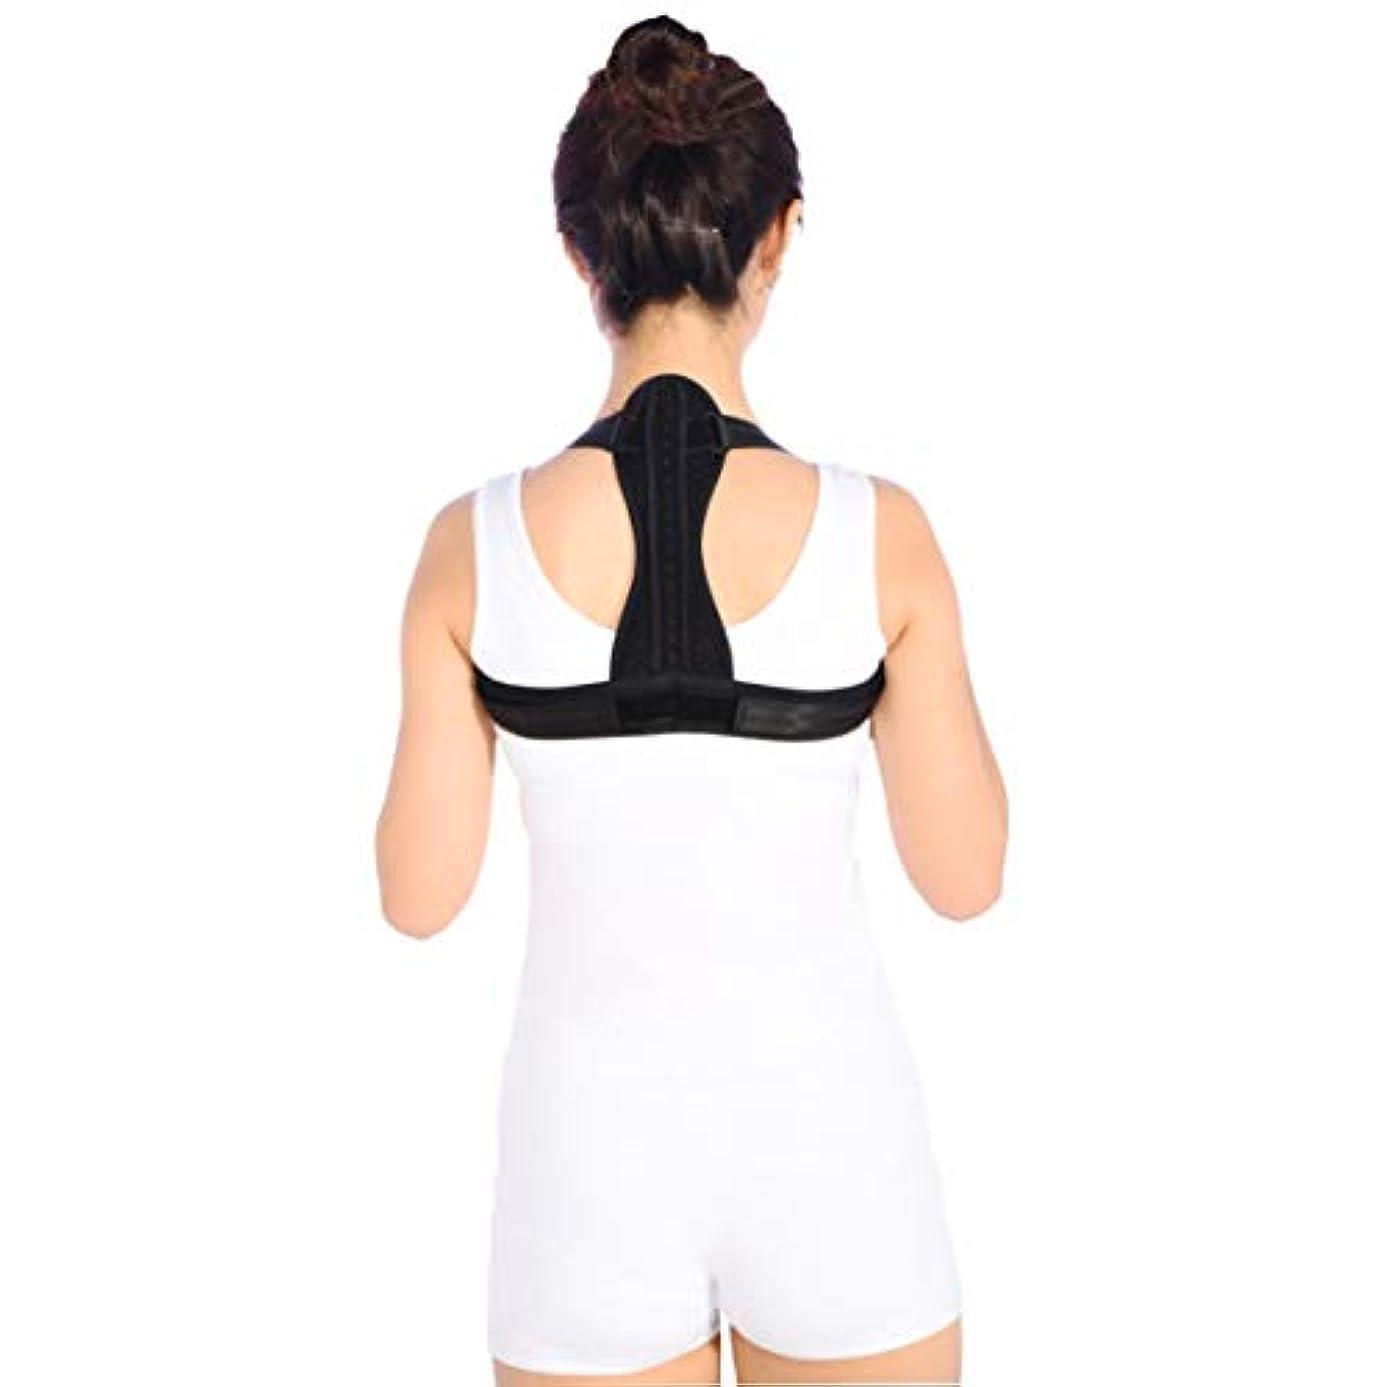 疫病賛辞以下通気性の脊柱側弯症ザトウクジラ補正ベルト調節可能な快適さ目に見えないベルト男性女性大人学生子供 - 黒